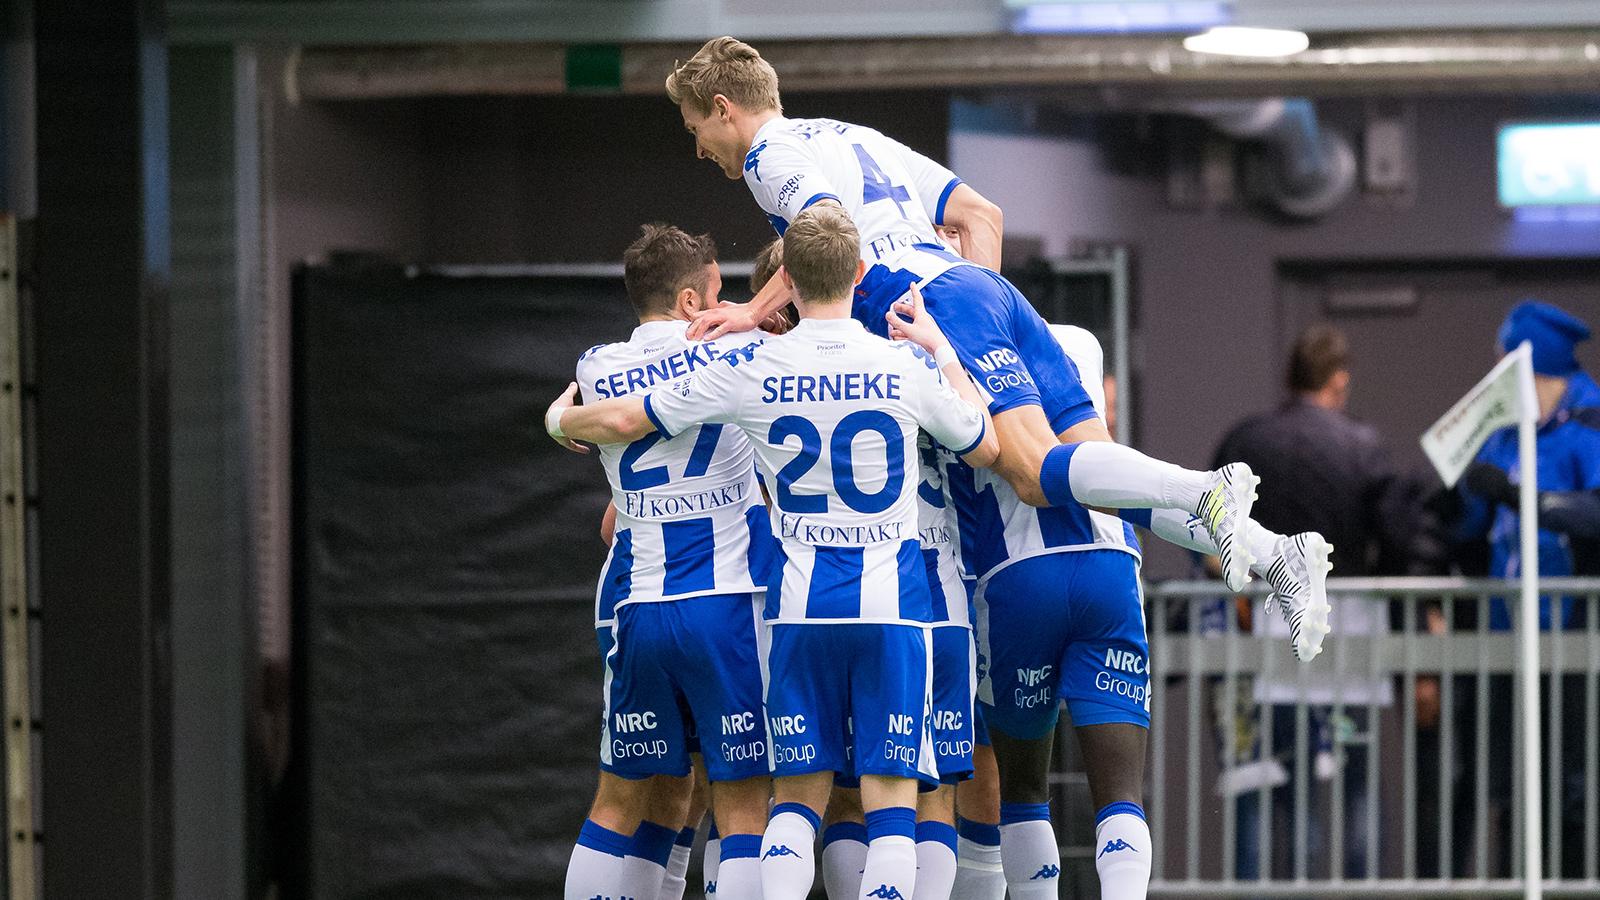 180127 IFK Göteborgs Sebastian Ohlsson jublar med lagkamrater efter att ha gjort 3-2 under en träningsmatch i fotboll mellan IFK Göteborg och Stabaek den 27 januari 2018 i Göteborg.